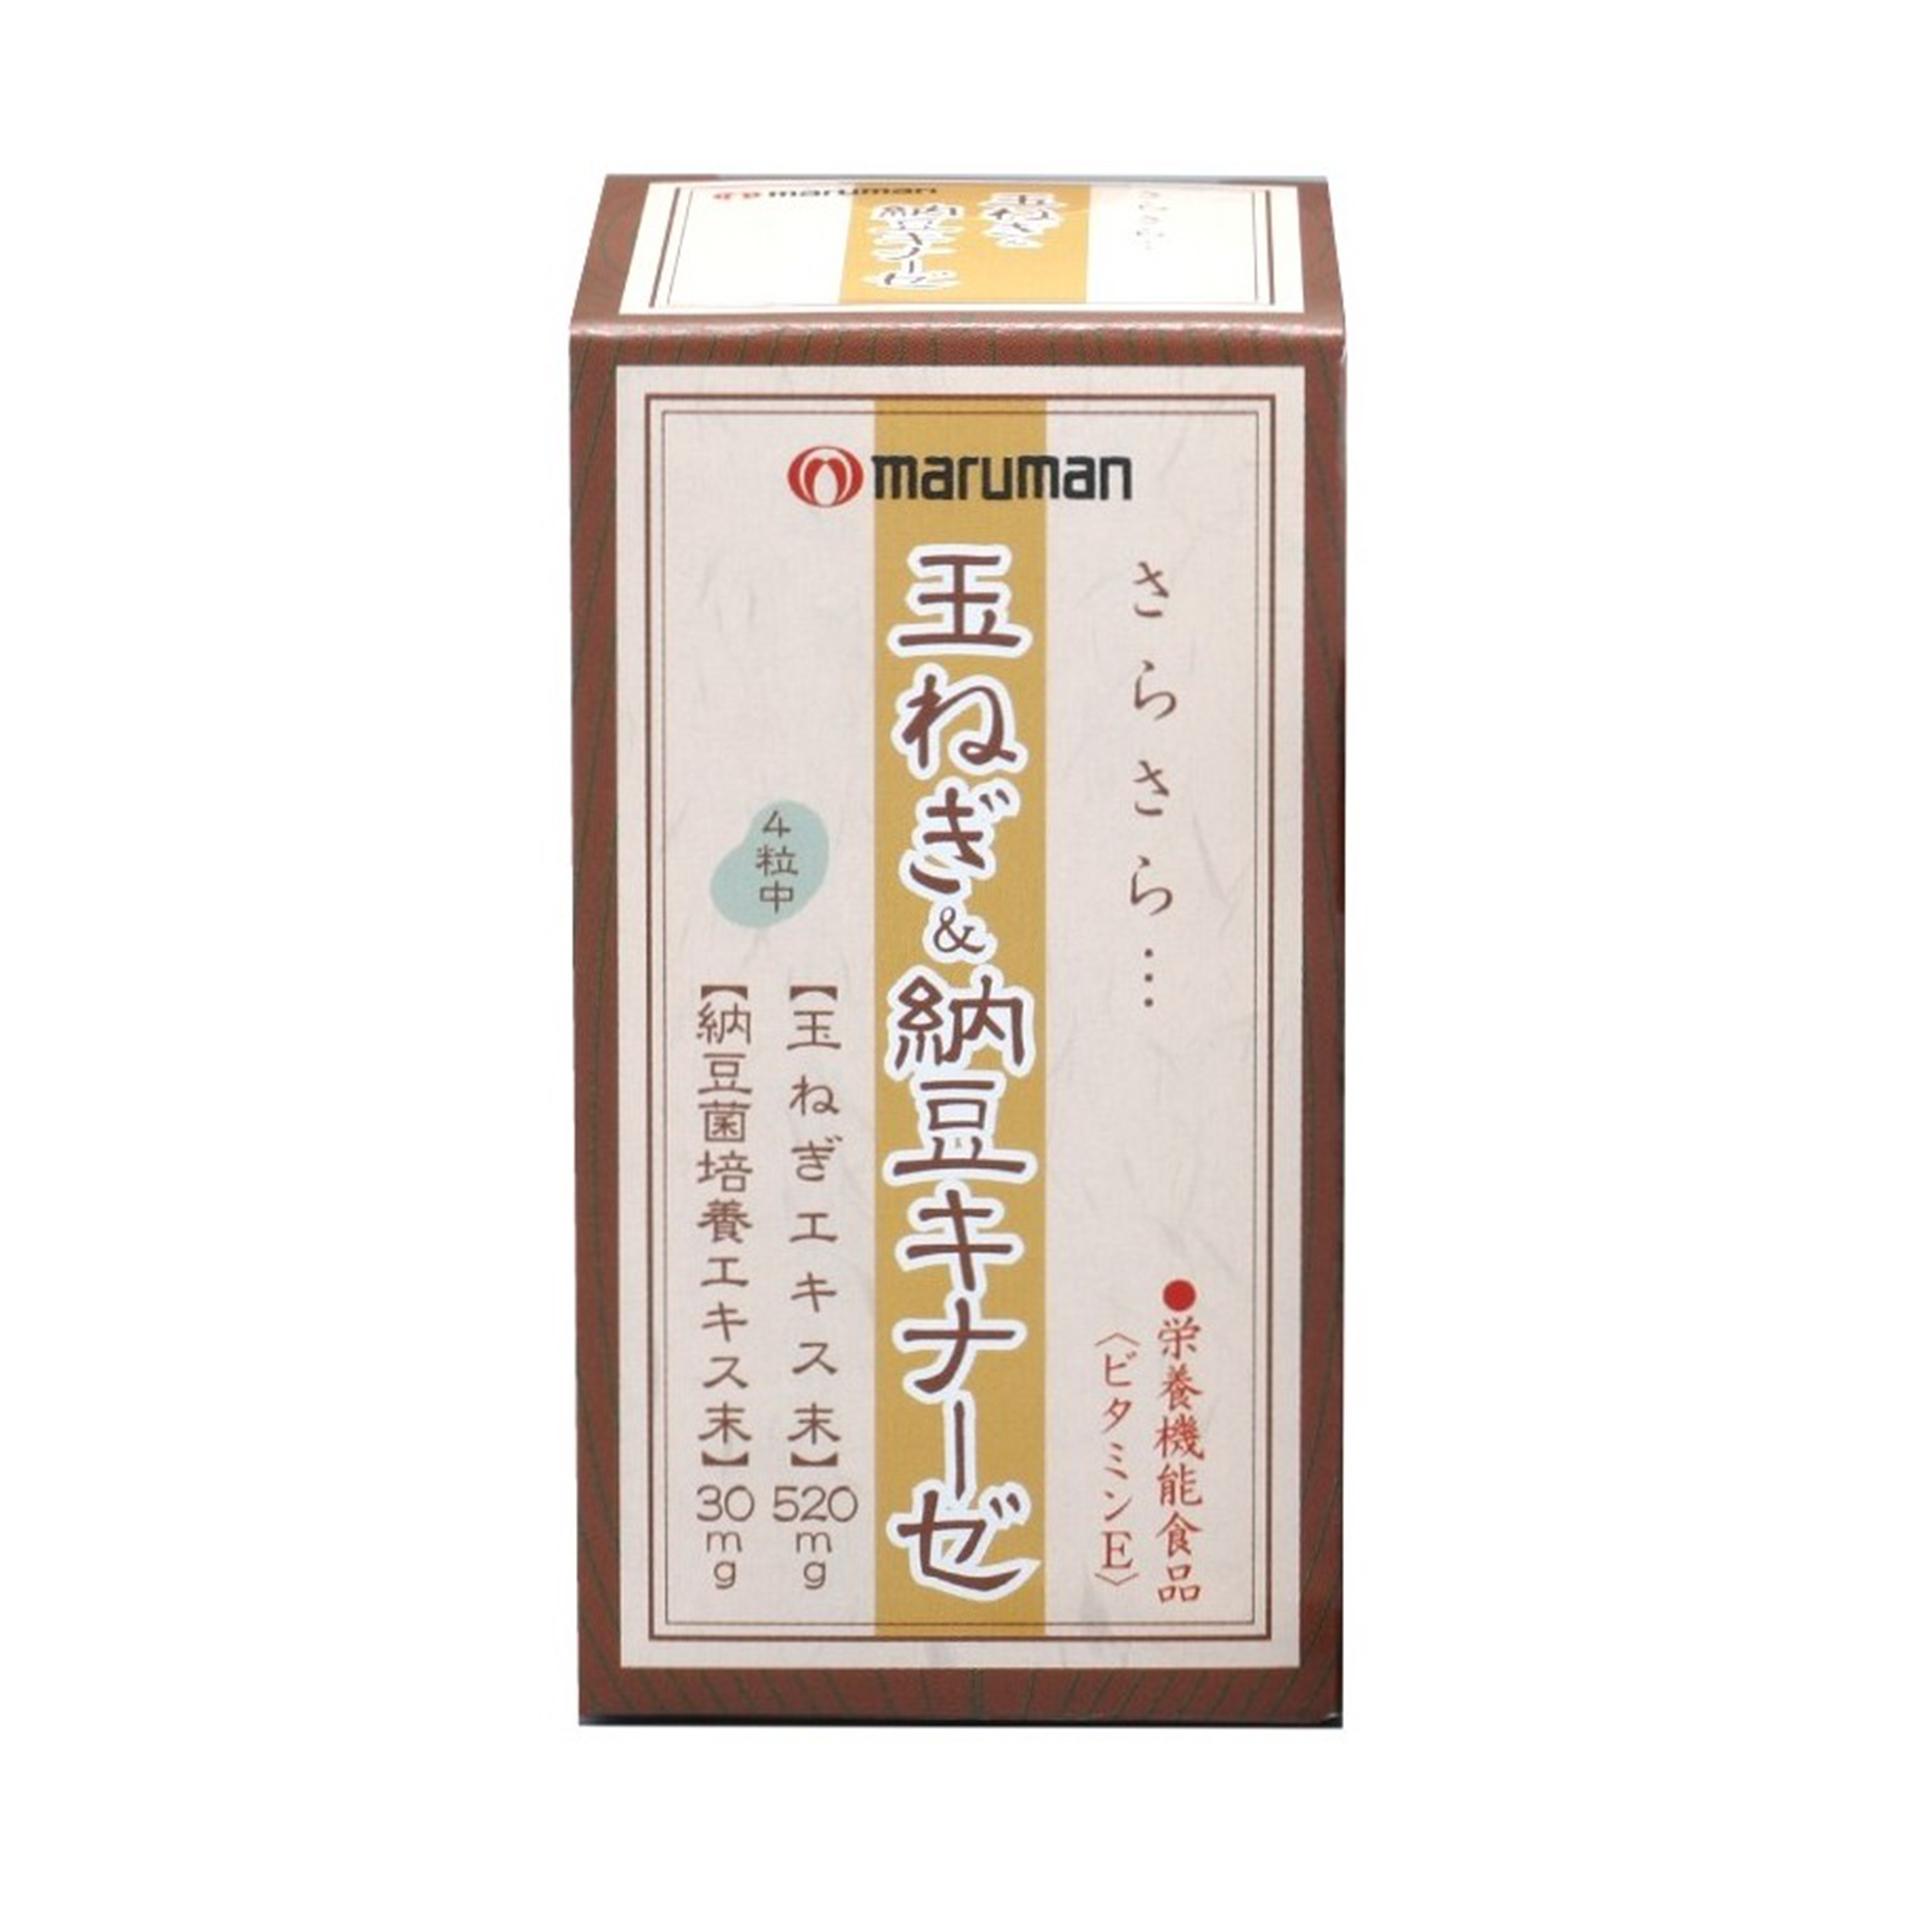 【定期購入】【玉ねぎ&納豆キナーゼ】